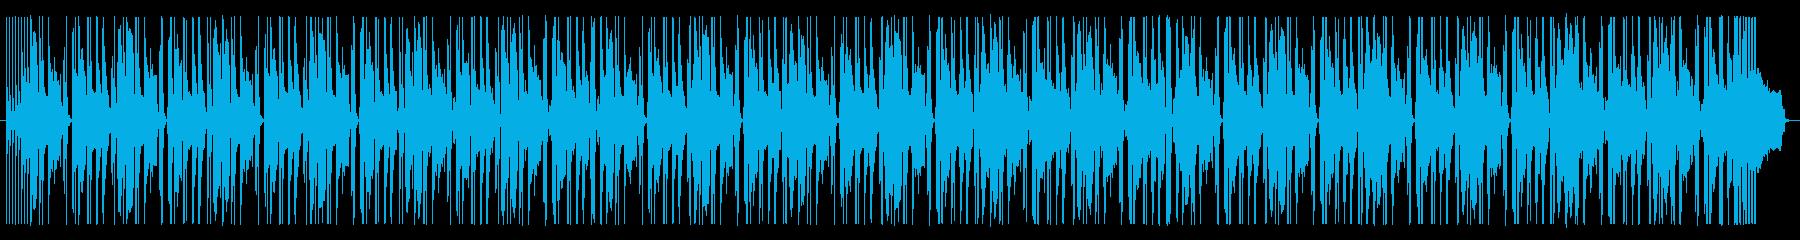 ヒップホップ・ジャズ・オシャレ・チルの再生済みの波形